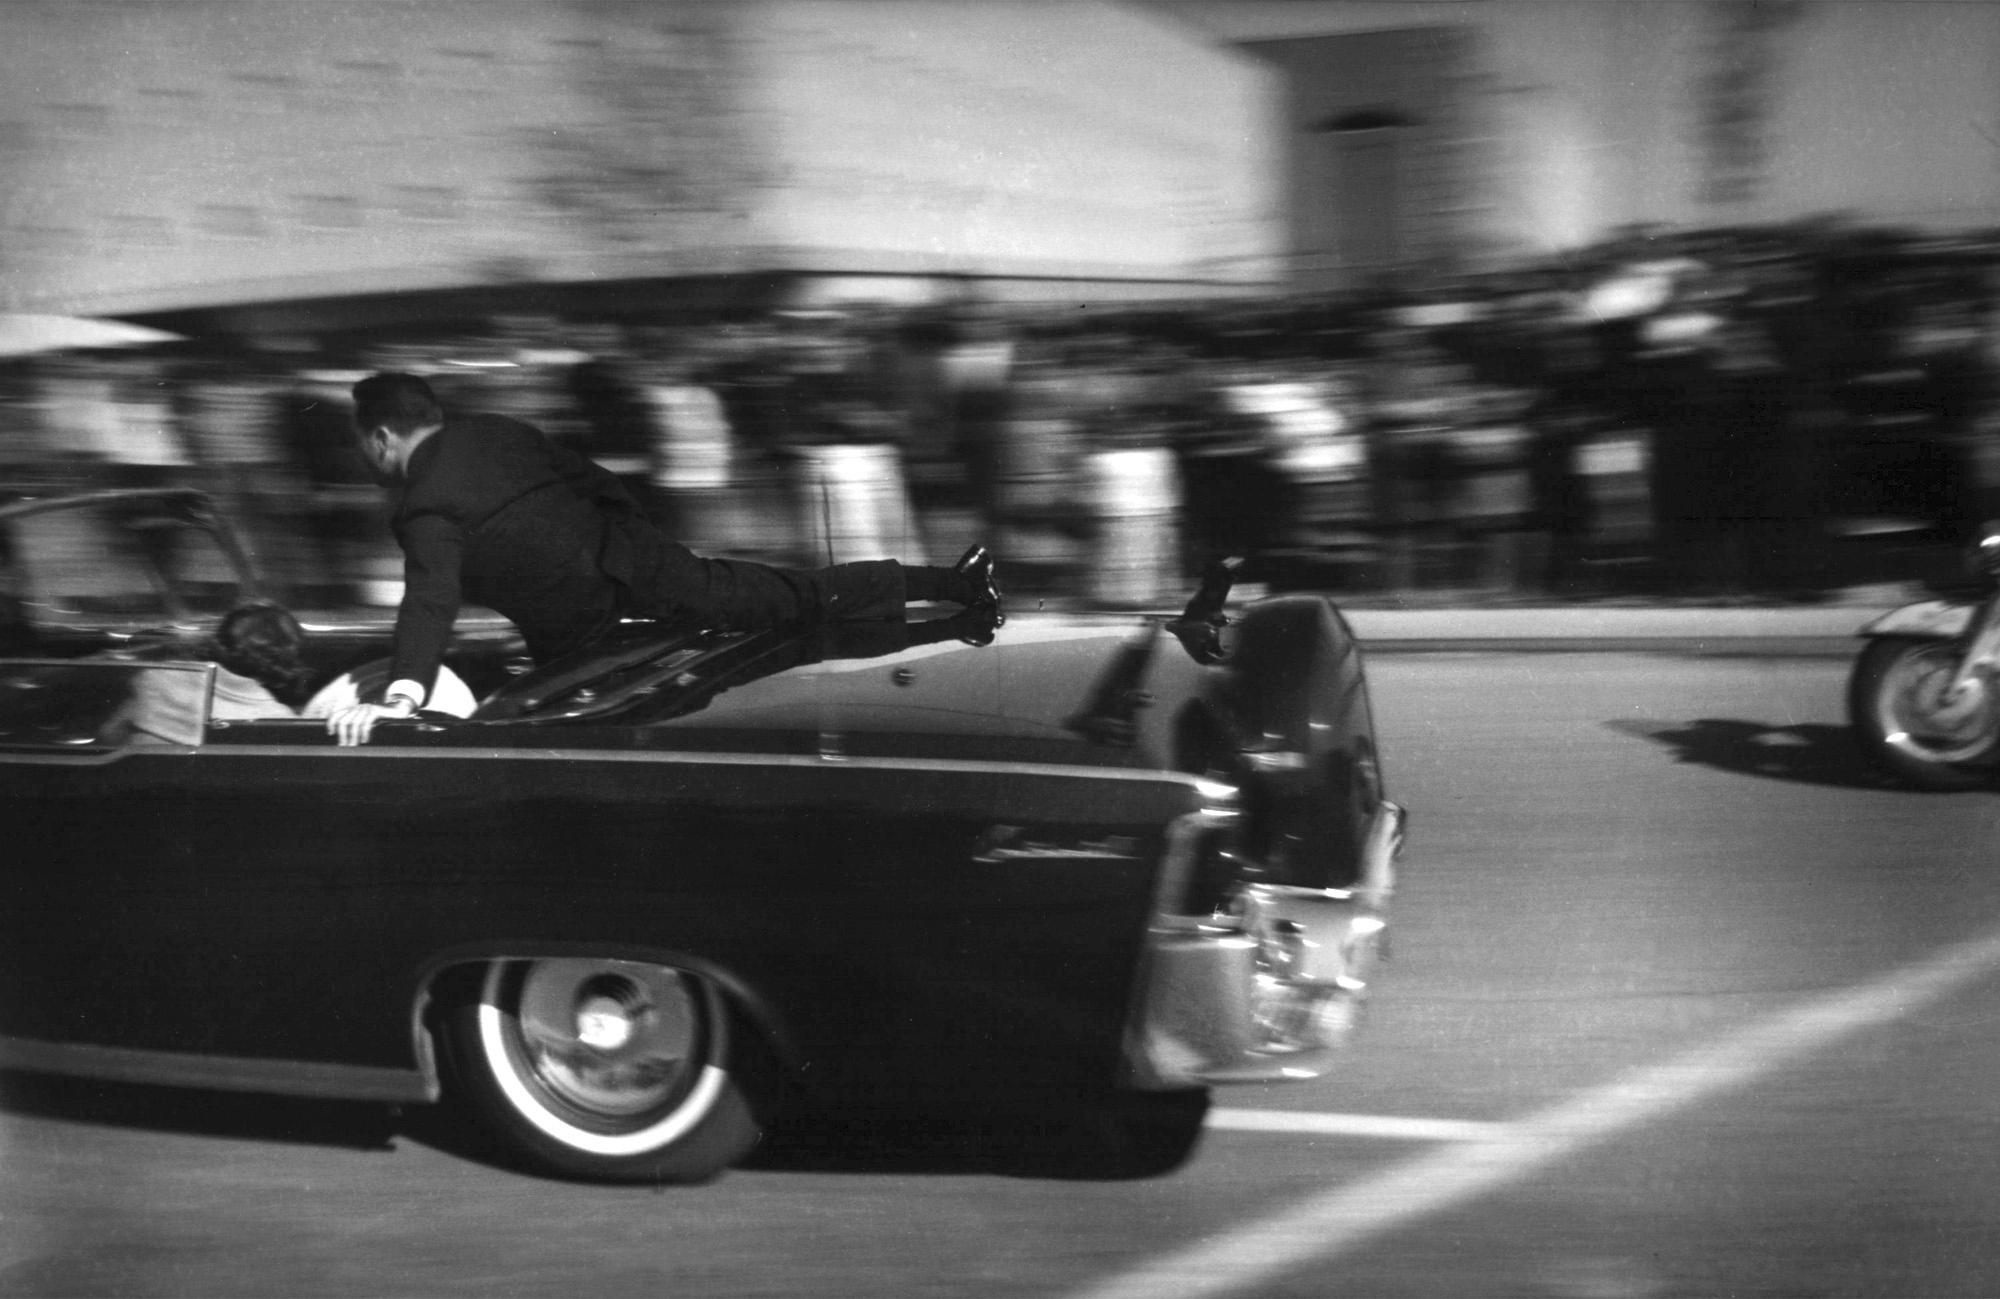 John F. Kennedy, Jacqueline Kennedy, John Connally, Nellie Connally, Clinton Hill